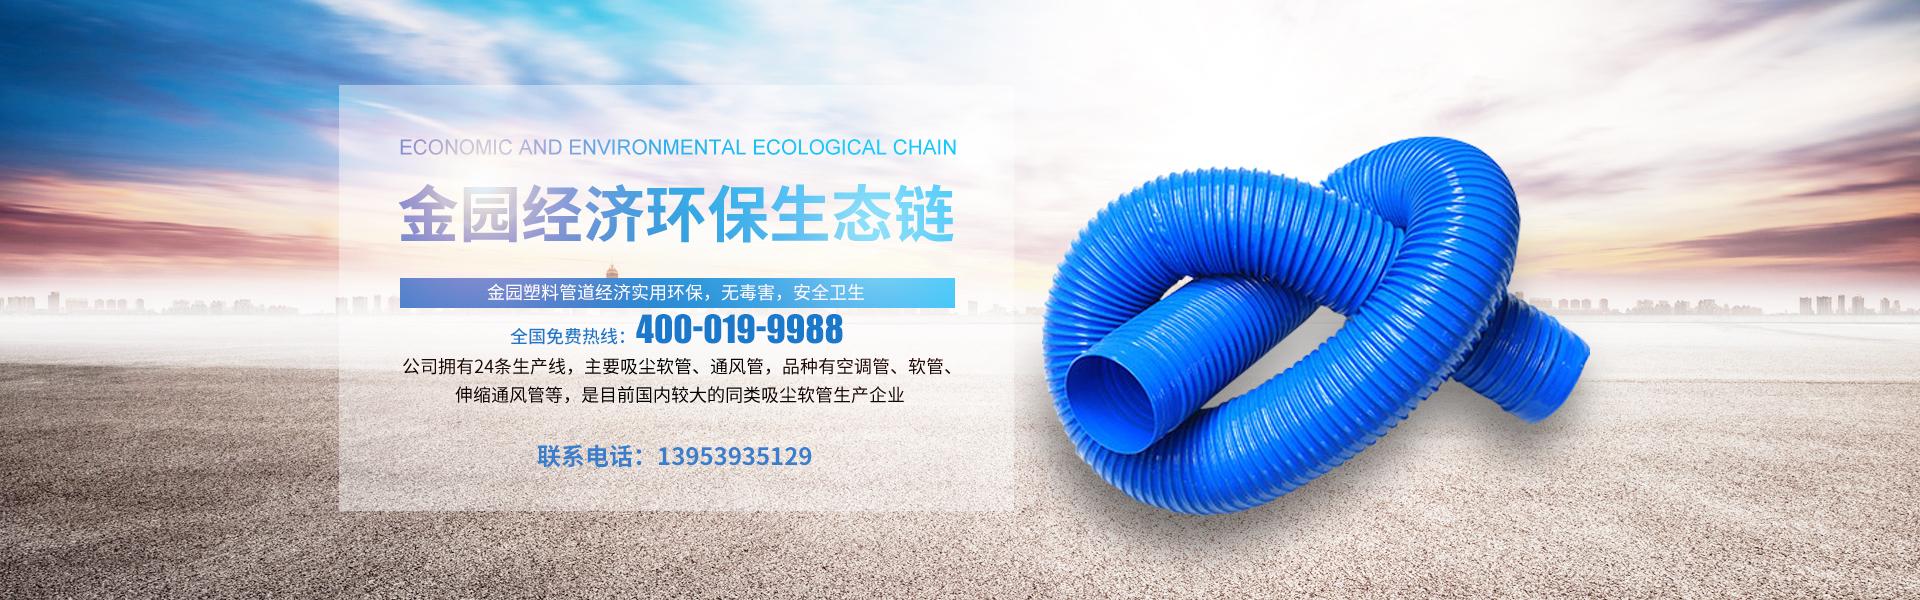 临沂金园塑料加工厂是一家专门从事塑料制品生产的工厂,主要生产通风管,塑料通风管,吸尘软管,PVC螺旋管等,品种齐全,为您提供质量的产品,联系热线:13953935129.